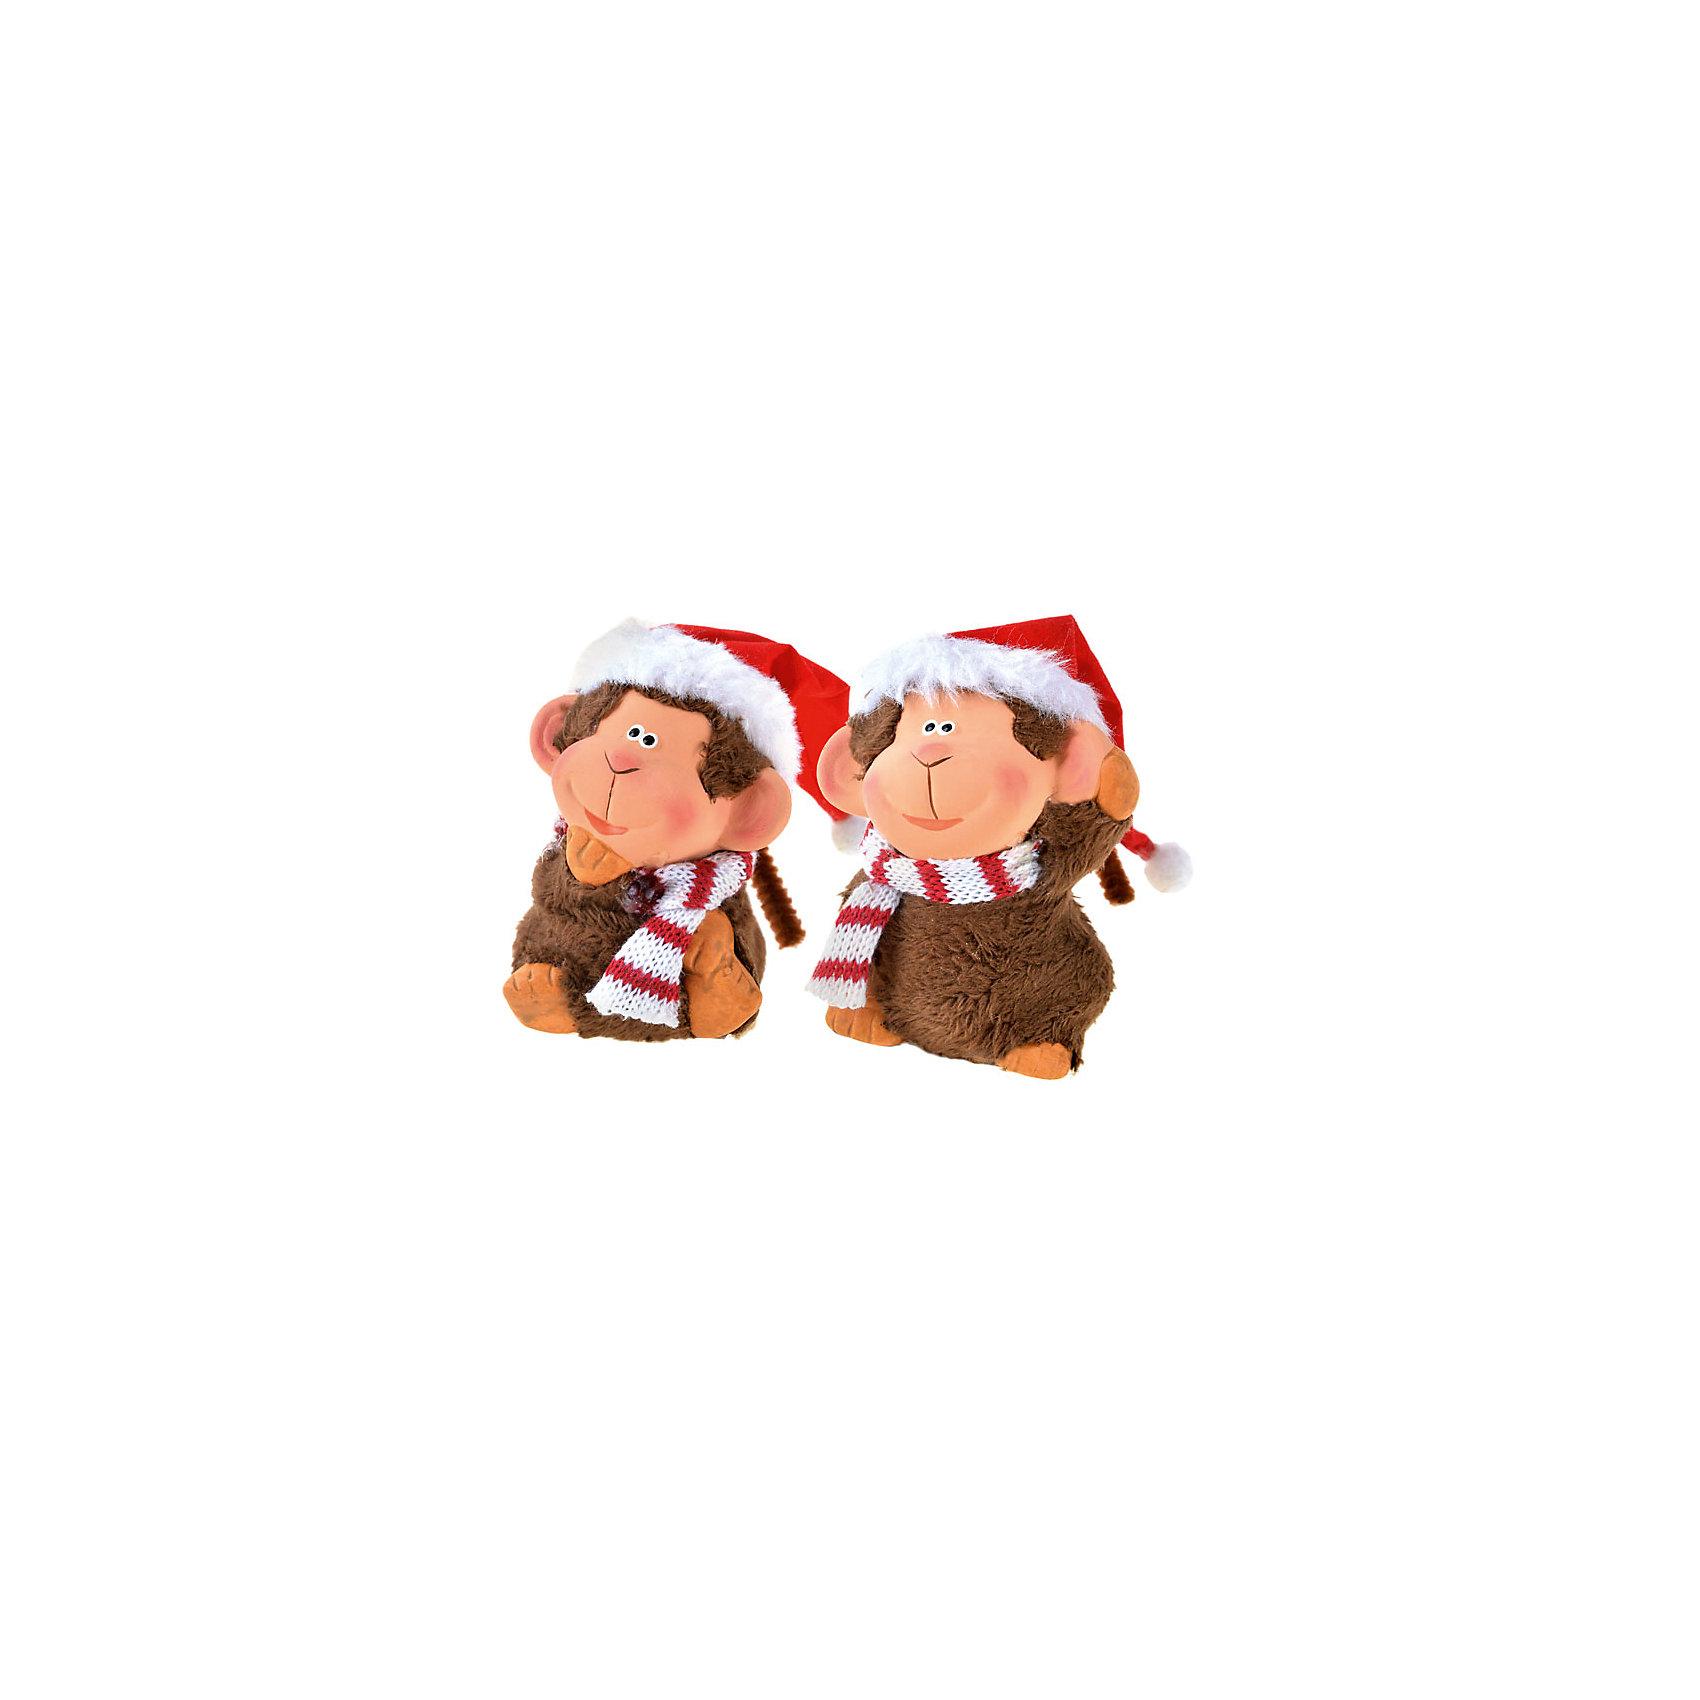 Фигурка керамическая Обезьяна , в ассортиментеНовинки Новый Год<br>Фигурка керамическая Обезьяна , в ассортименте – эта фигурка украсит интерьер и создаст праздничное настроение!<br>Фигурка в виде забавной обезьянки будет отличным презентом в преддверии Нового 2016 года, а также милым аксессуаром в праздничном интерьере. Обезьяна изготовлена из керамики. Ее шерсть сделана из искусственного меха, поэтому животное выглядит пушистым.<br><br>Дополнительная информация:<br><br>- Материал: керамика, мех<br>- 2 вида в ассортименте<br>- Размер упаковки: 4 х 6 см.<br>- Вес: 195 гр.<br>- ВНИМАНИЕ! Данный артикул представлен в разных вариантах исполнения. К сожалению, заранее выбрать определенный вариант невозможно. При заказе нескольких наборов возможно получение одинаковых<br><br>Фигурку керамическую Обезьяна , в ассортименте можно купить в нашем интернет-магазине.<br><br>Ширина мм: 40<br>Глубина мм: 40<br>Высота мм: 60<br>Вес г: 195<br>Возраст от месяцев: 36<br>Возраст до месяцев: 1188<br>Пол: Унисекс<br>Возраст: Детский<br>SKU: 4262233